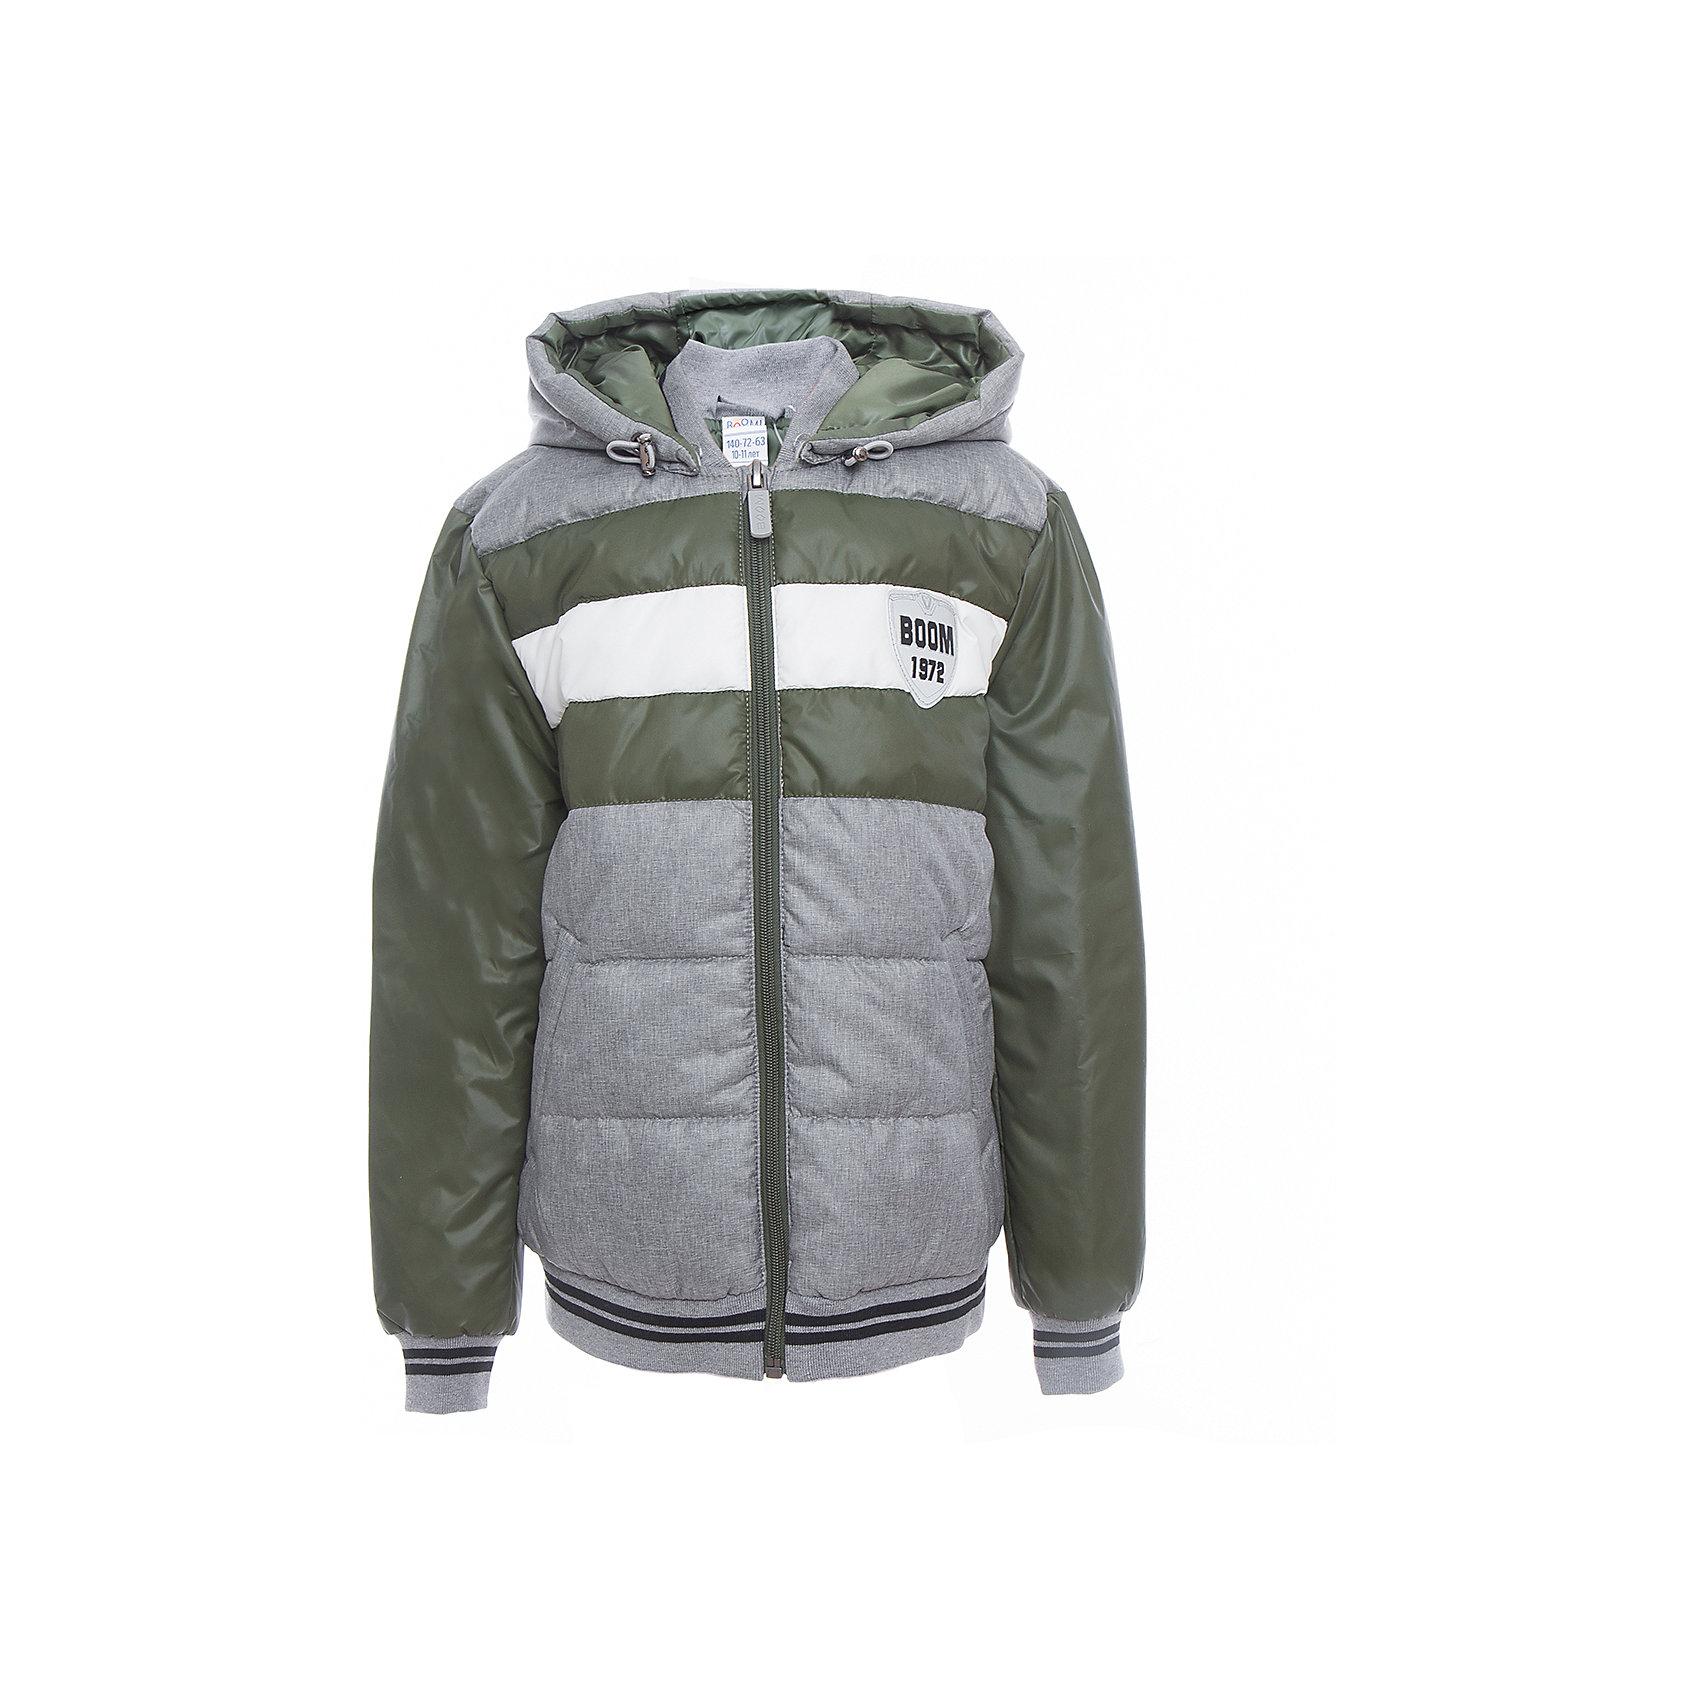 Куртка для мальчика BOOM by OrbyВерхняя одежда<br>Характеристики товара:<br><br>• цвет: серый/зелёный<br>• состав: верх - таффета, болонь, подкладка - поликоттон, полиэстер, утеплитель: Flexy Fiber 150 г/м2<br>• температурный режим: от -5 С° до +10 С° <br>• капюшон<br>• застежка - молния<br>• эластичные манжеты<br>• стеганая<br>• декорирована нашивками<br>• комфортная посадка<br>• страна производства: Российская Федерация<br>• страна бренда: Российская Федерация<br>• коллекция: весна-лето 2017<br><br>Куртка-бомбер - универсальный вариант для межсезонья с постоянно меняющейся погодой. Эта модель - модная и удобная одновременно! Изделие отличается стильным ярким дизайном. Куртка хорошо сидит по фигуре, отлично сочетается с различным низом. Вещь была разработана специально для детей.<br><br>Одежда от российского бренда BOOM by Orby уже завоевала популярностью у многих детей и их родителей. Вещи, выпускаемые компанией, качественные, продуманные и очень удобные. Для производства коллекций используются только безопасные для детей материалы. Спешите приобрести модели из новой коллекции Весна-лето 2017! <br><br>Куртку для мальчика от бренда BOOM by Orby можно купить в нашем интернет-магазине.<br><br>Ширина мм: 356<br>Глубина мм: 10<br>Высота мм: 245<br>Вес г: 519<br>Цвет: серый<br>Возраст от месяцев: 108<br>Возраст до месяцев: 120<br>Пол: Мужской<br>Возраст: Детский<br>Размер: 164,170,104,86,92,140,128,134,146,152,158,98,110,116,122<br>SKU: 5343406